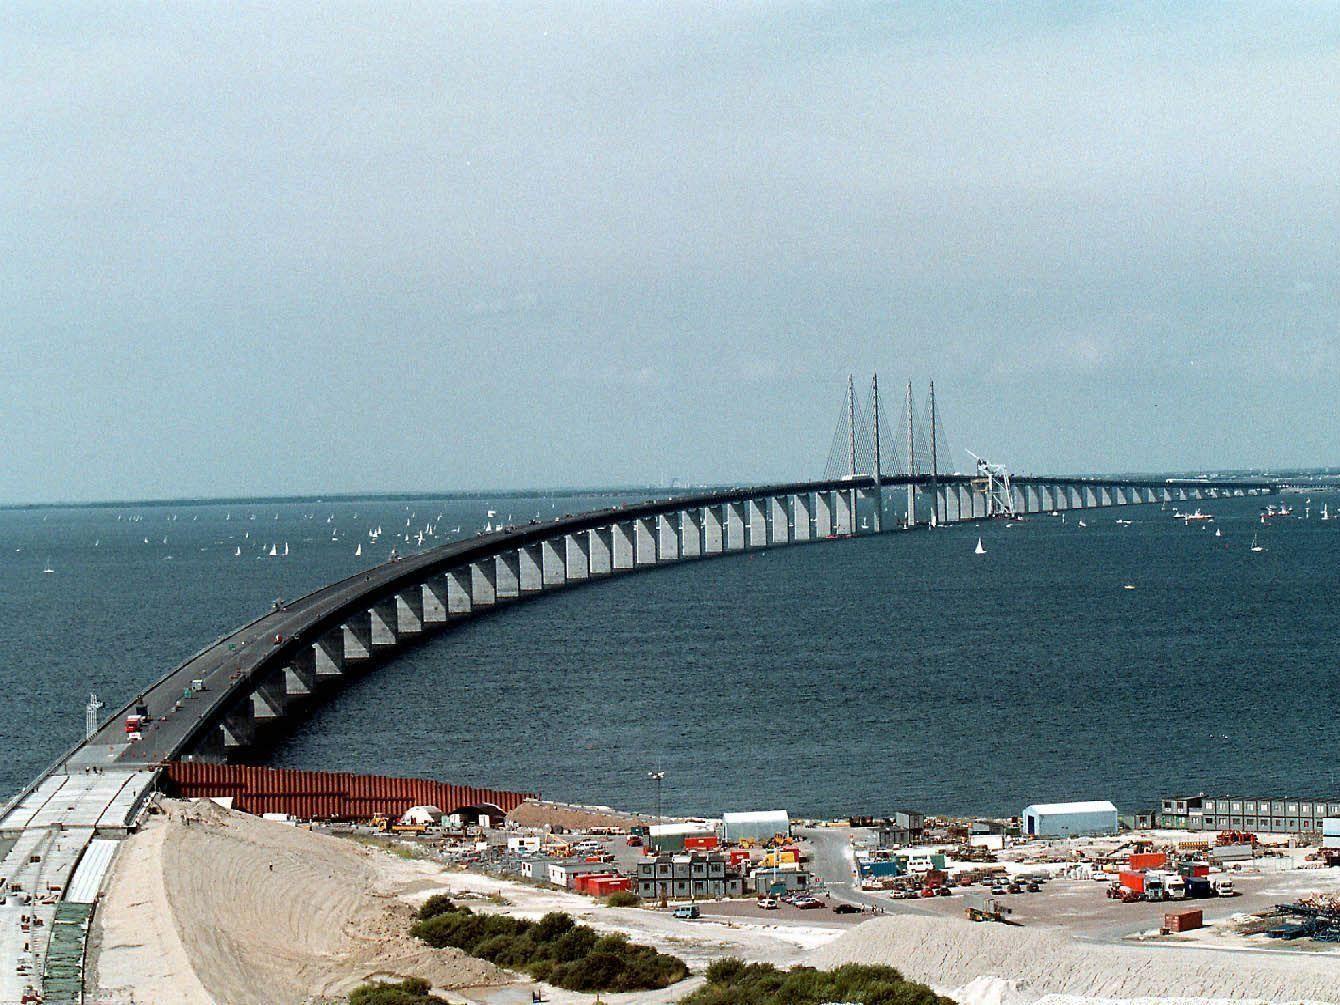 Zwischenfall in der Öresund-Meerenge zwischen Dänemark und Schweden.